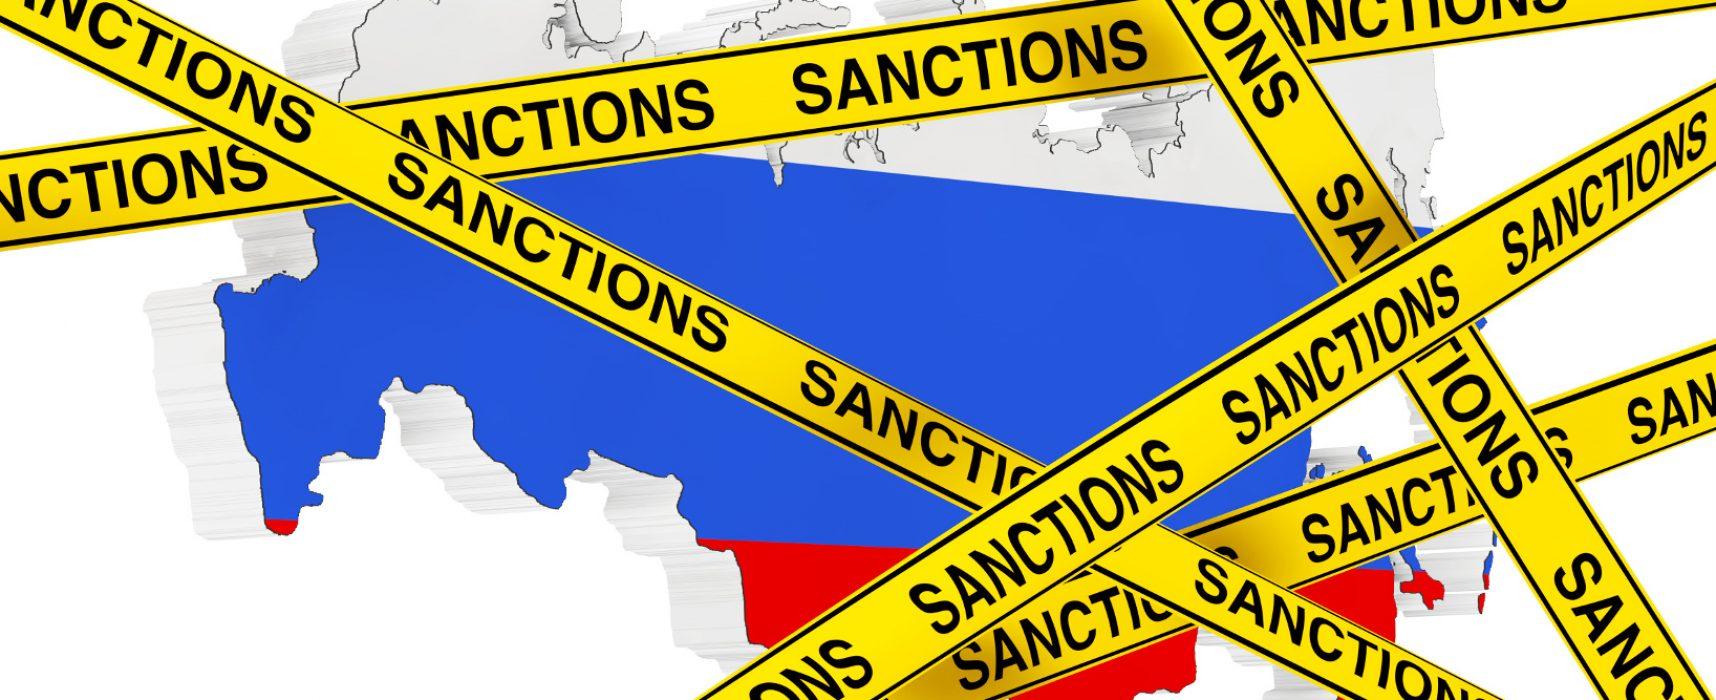 Фейк російських ЗМІ: посол України звинуватив Німеччину в зближенні з Росією та бажанні скасувати санкції